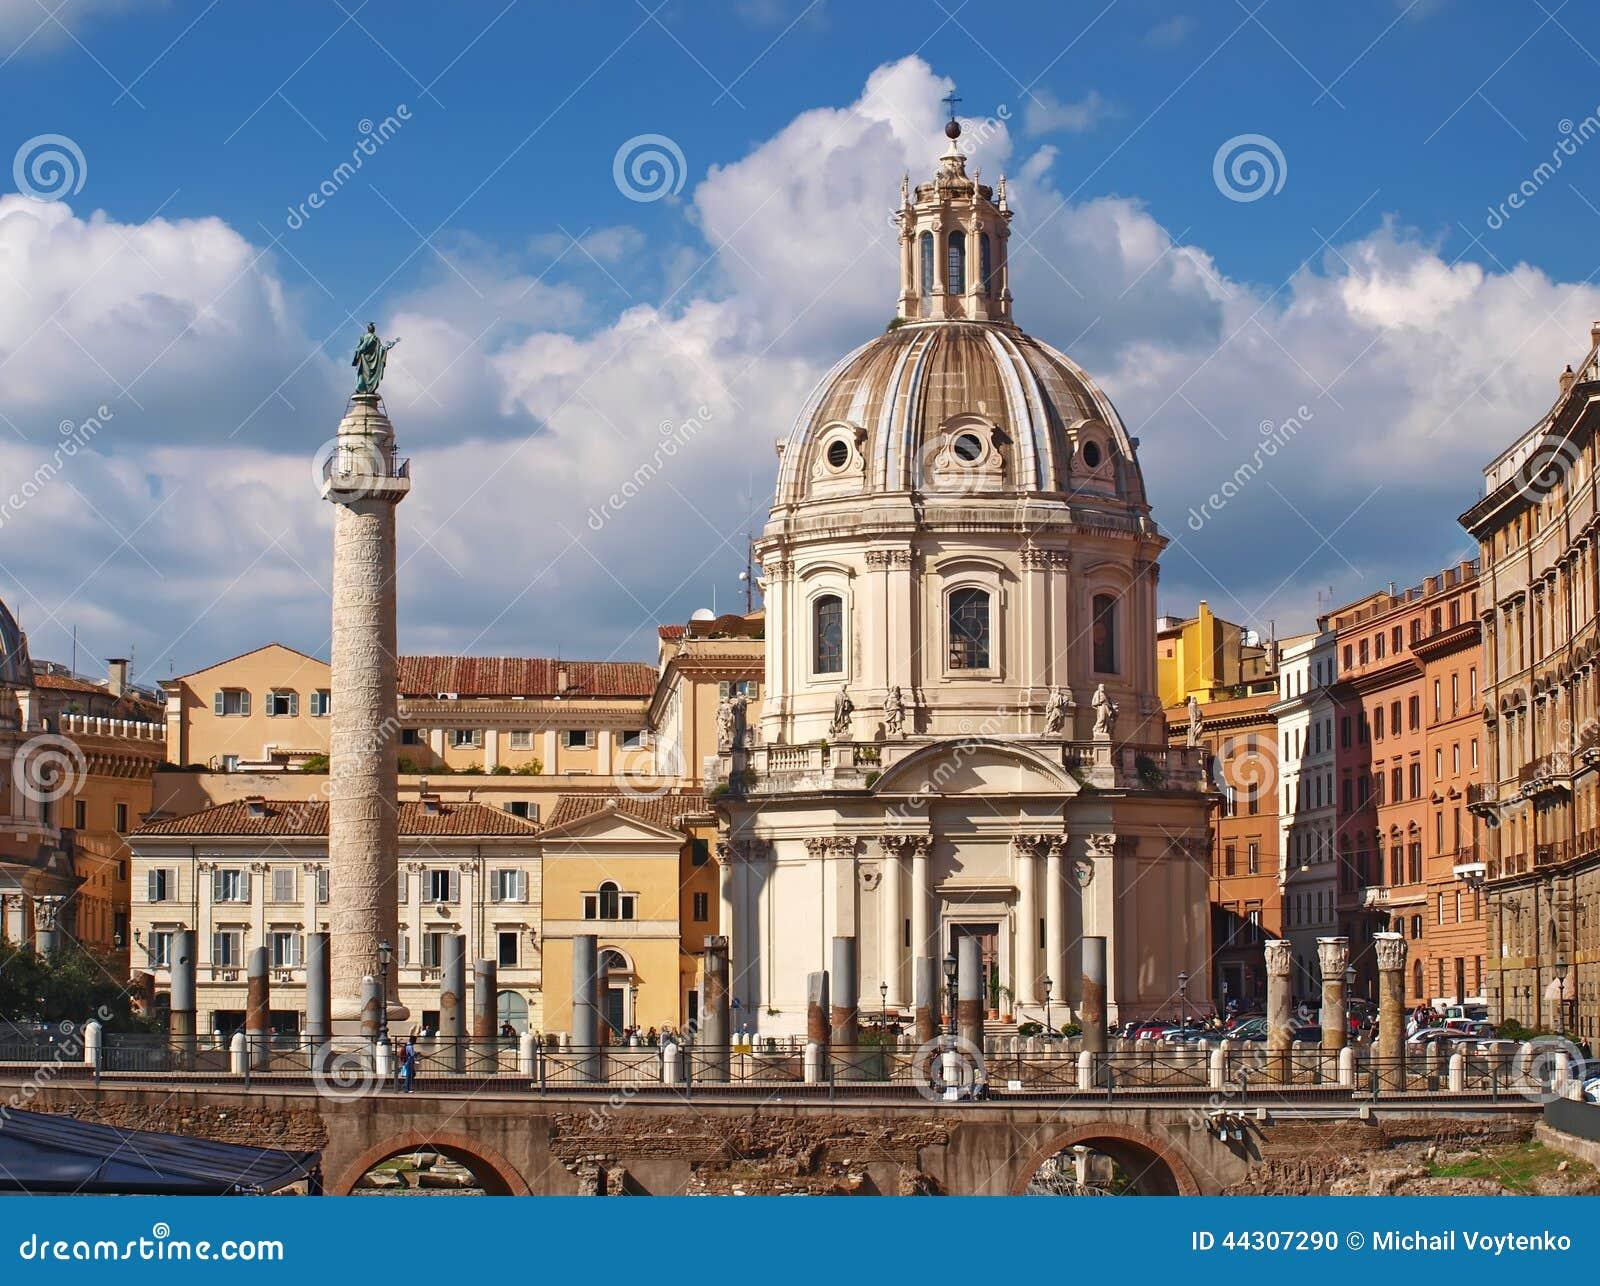 Santa maria di loreto belle vecchie finestre a roma italia fotografia stock immagine di - Finestre a roma ...